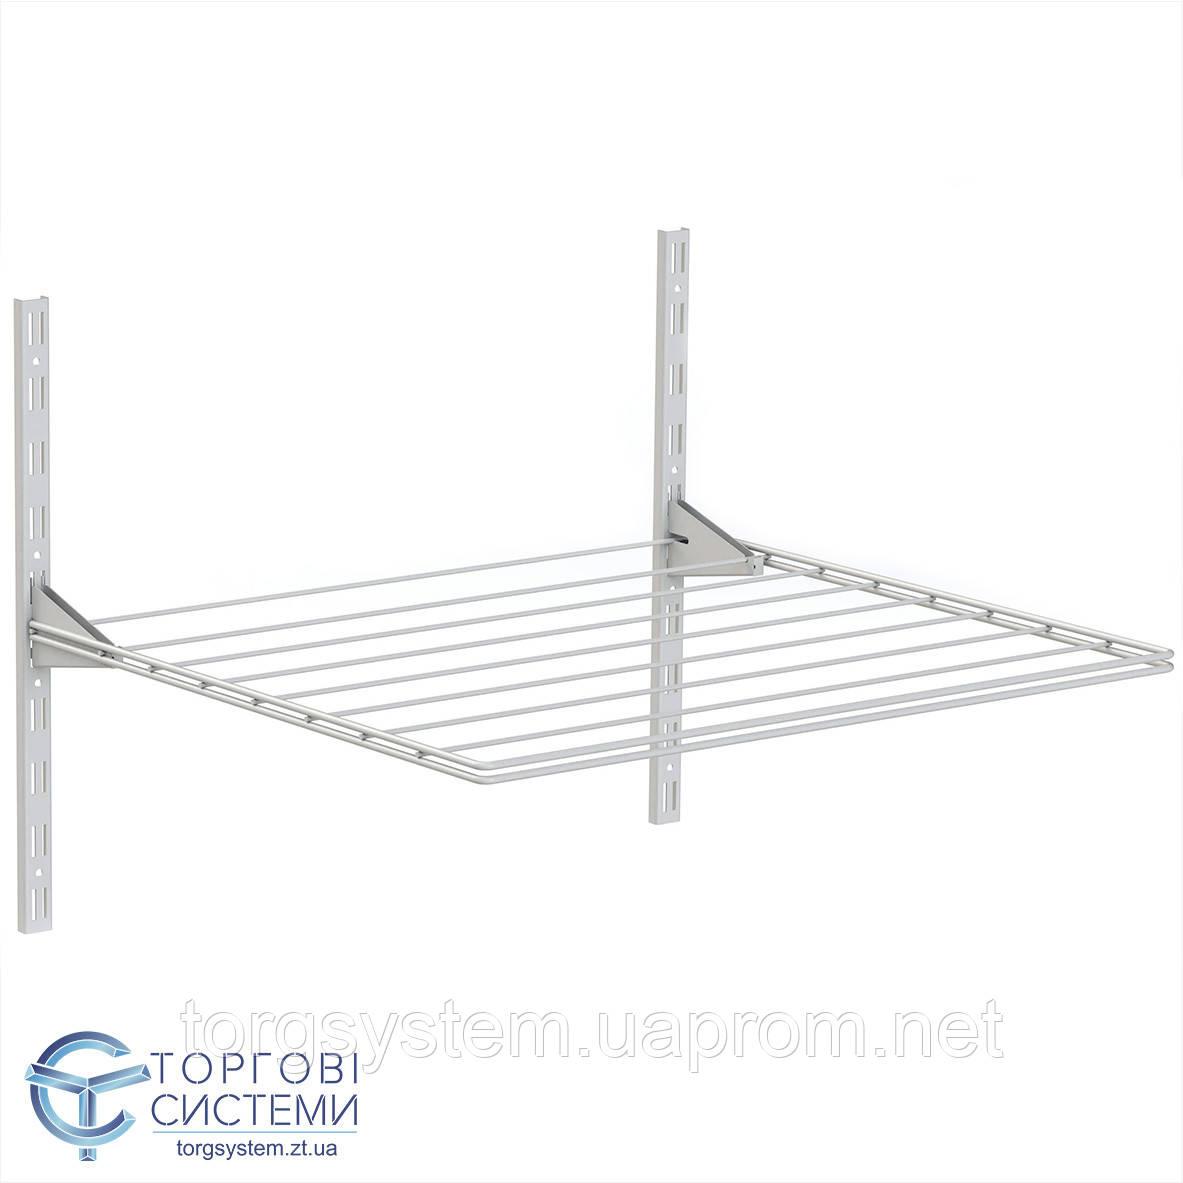 Сушка для белья металлическая в гардеробной системе 600мм, фото 1